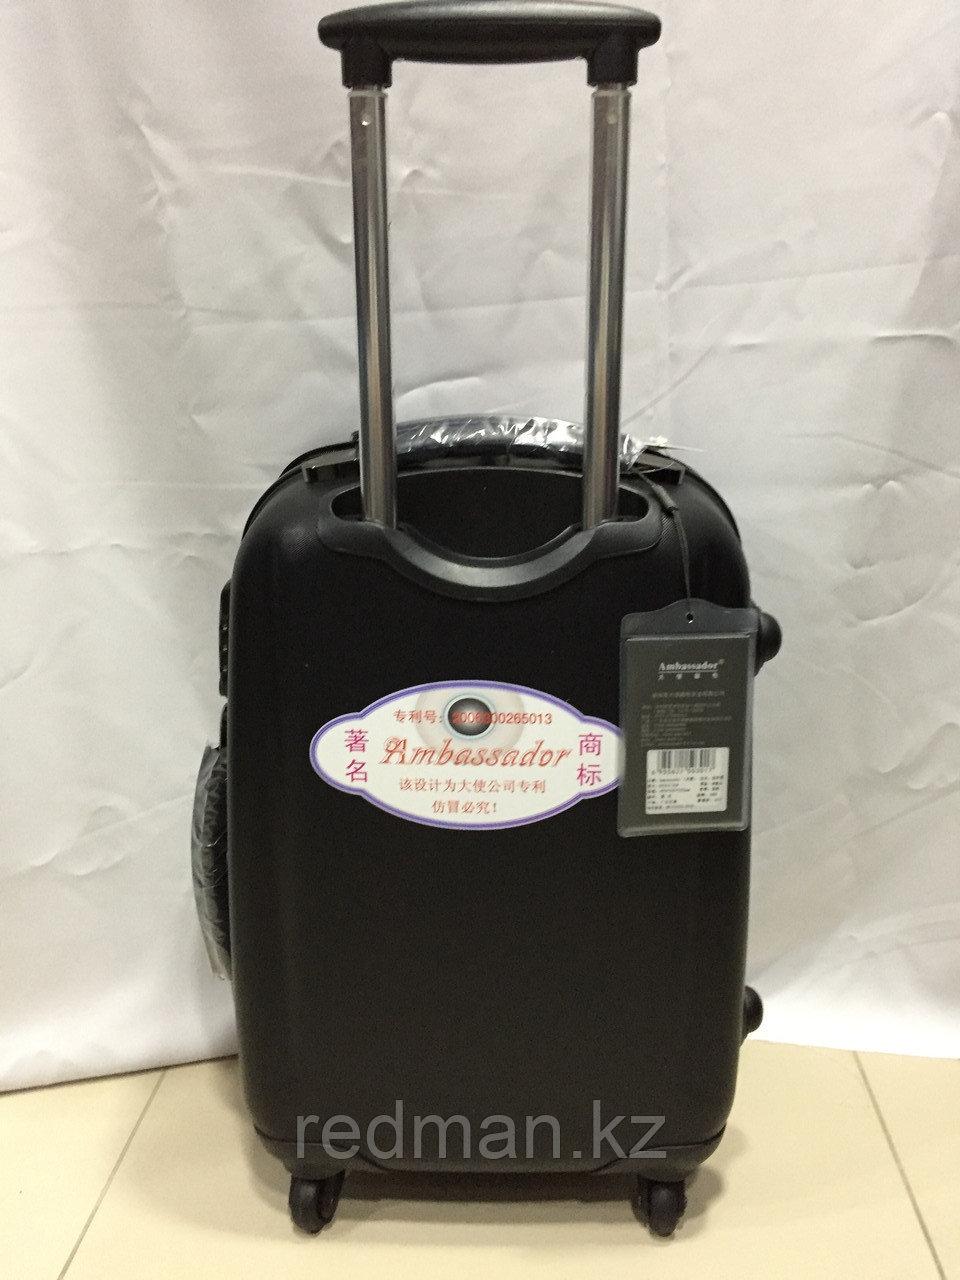 Маленький из поликарбоната дорожный чемодан на 4-х колесах Ambassador (амбассадор, оригинал)